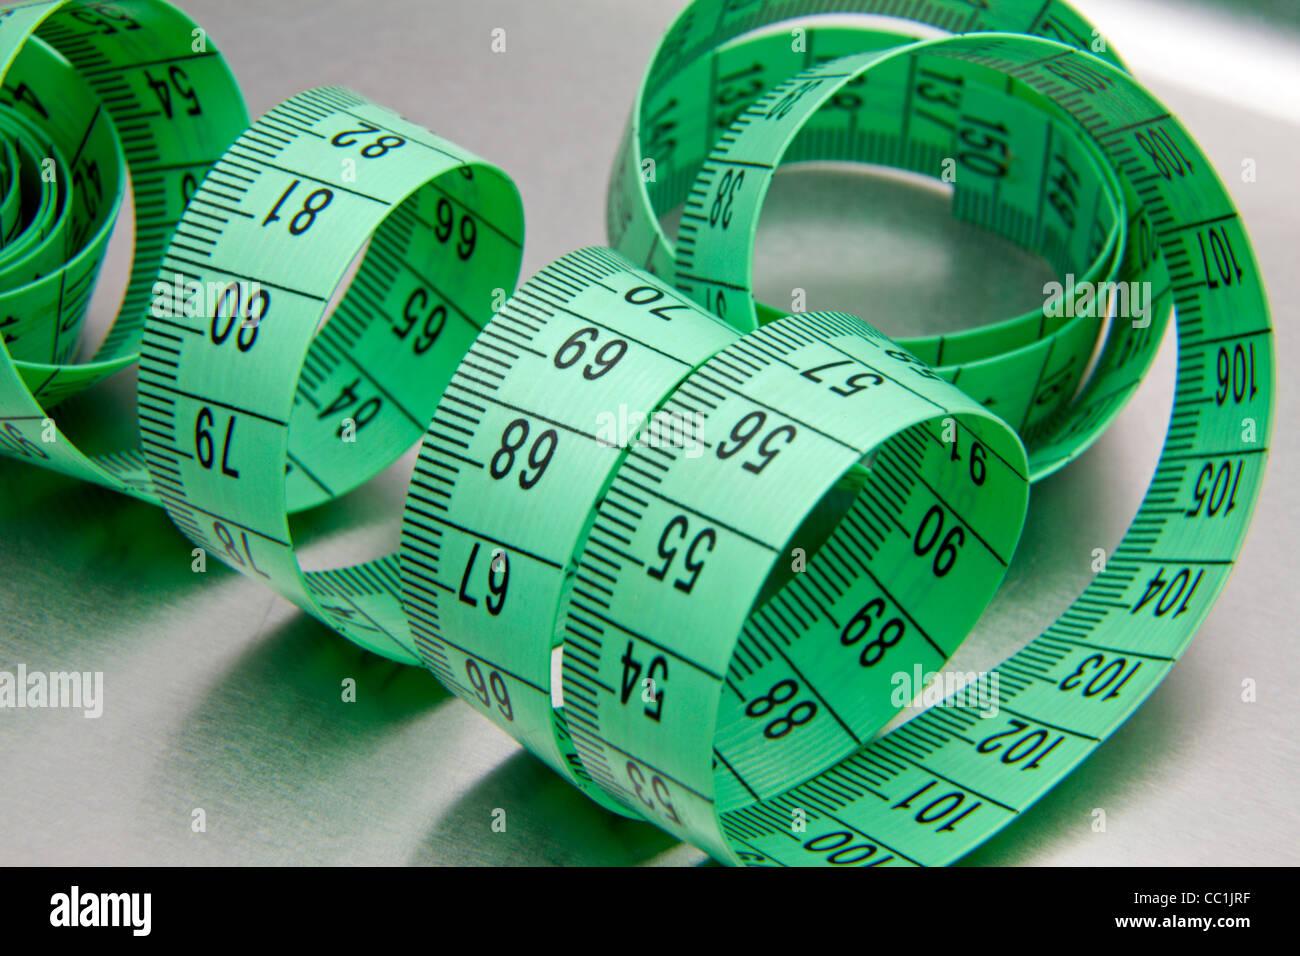 cinta métrica Imagen De Stock